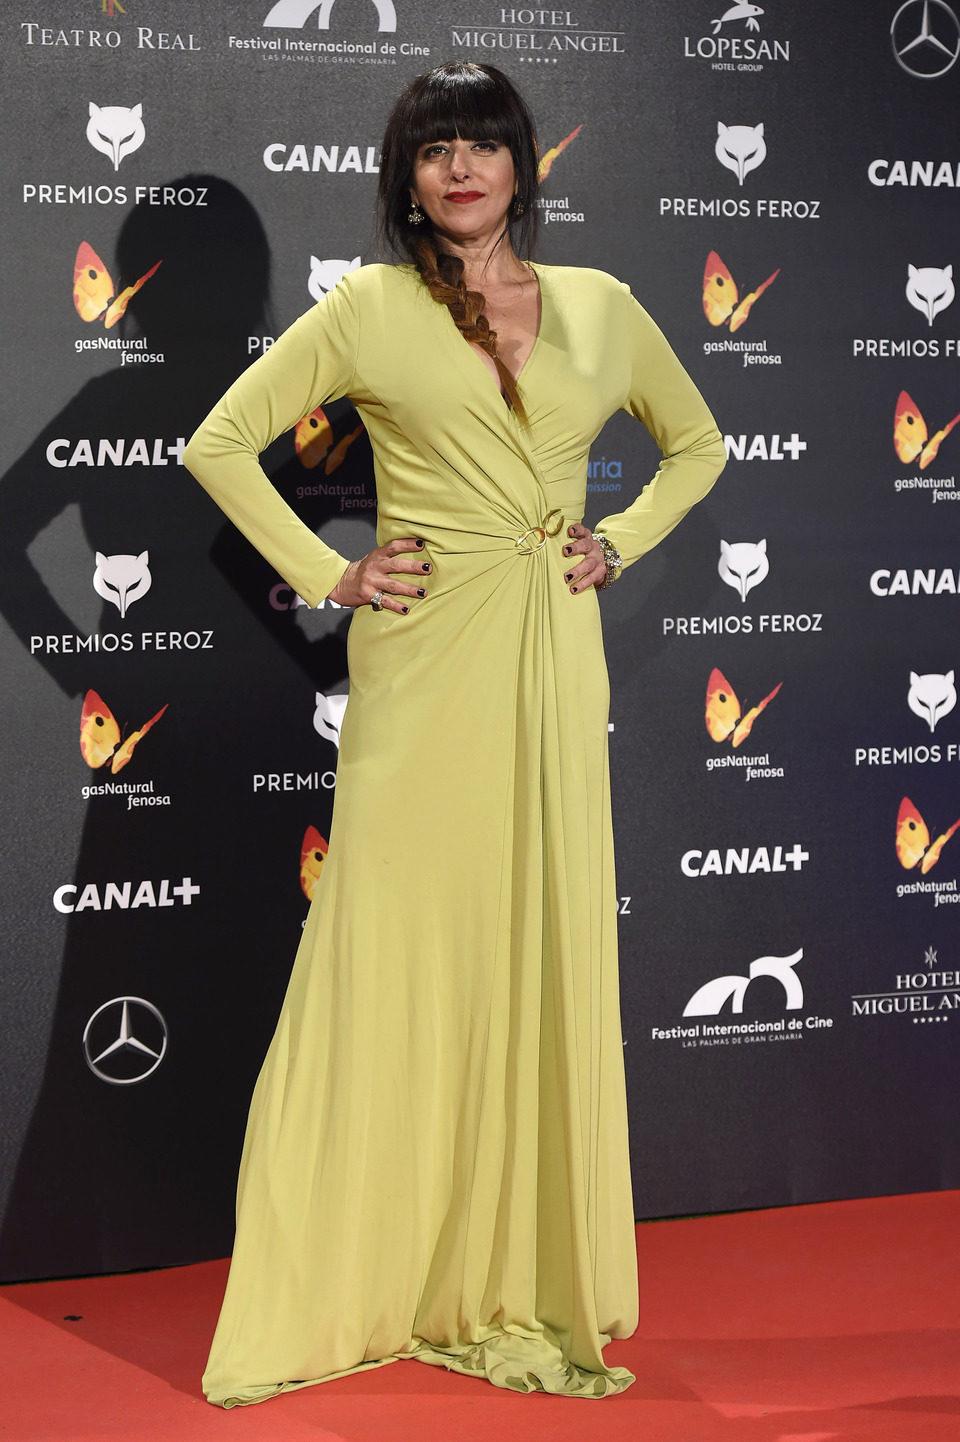 Yolanda Ramos en los Premios Feroz 2015